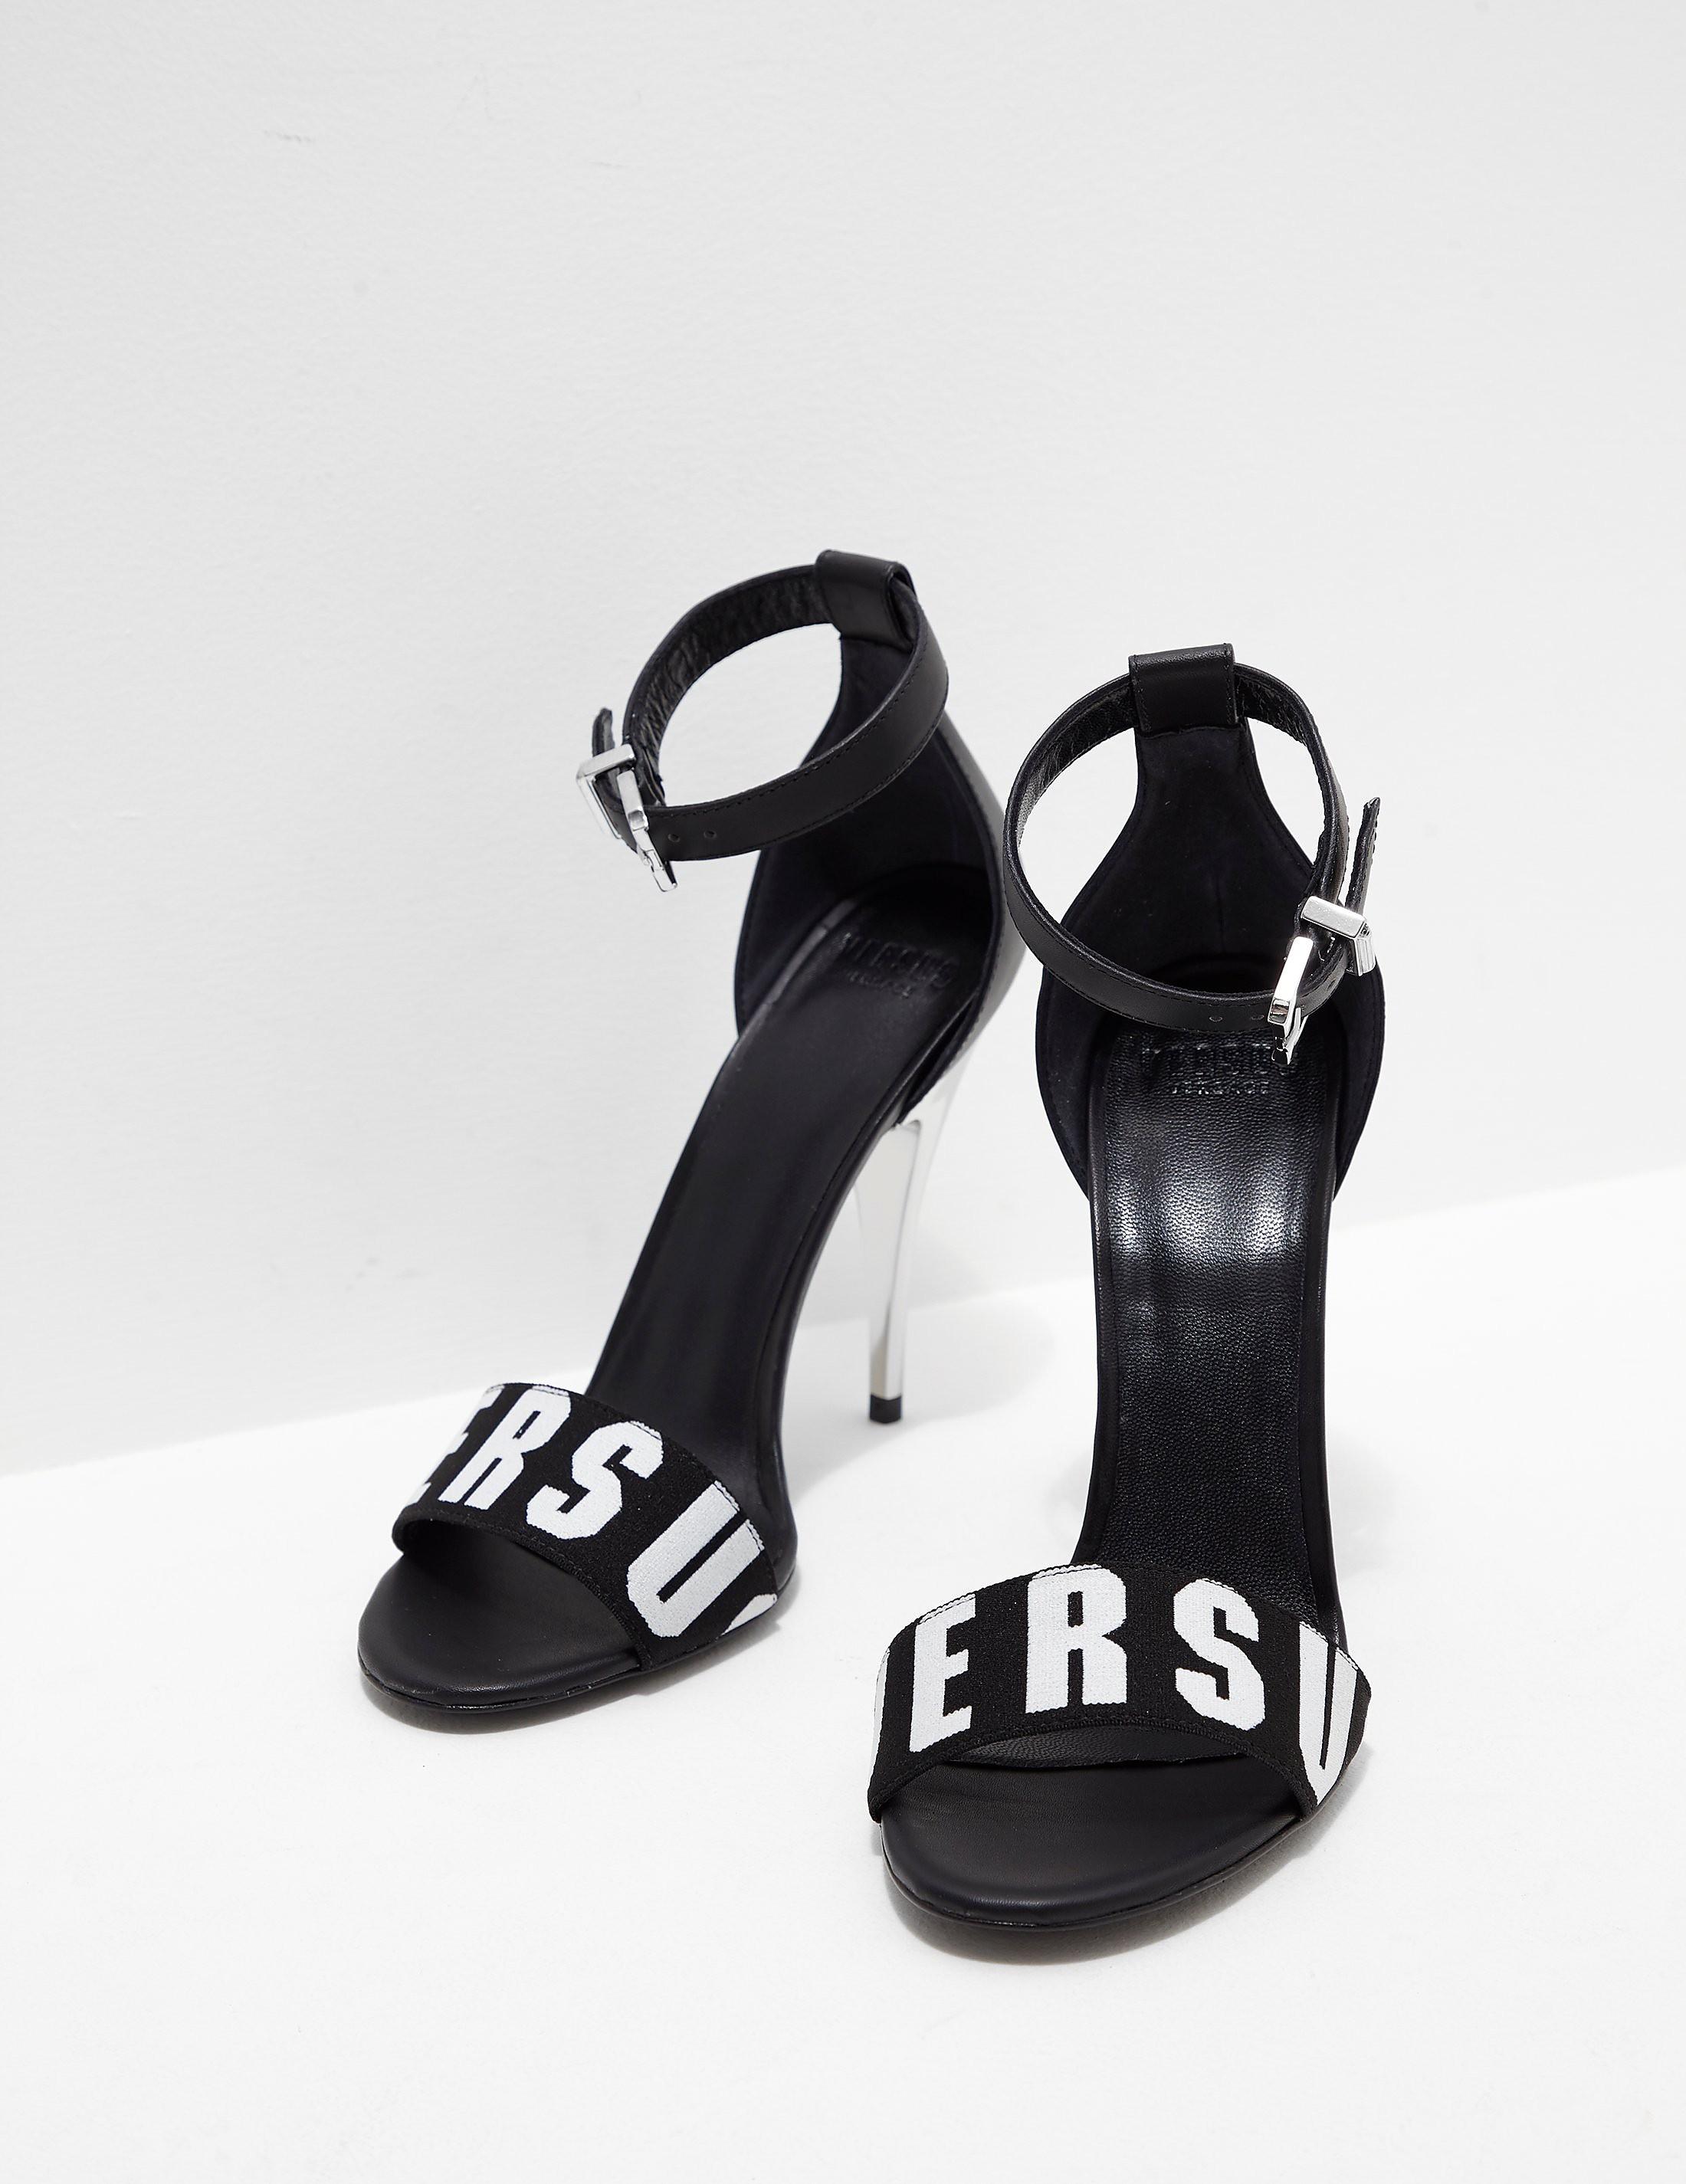 Versus Versace Heels